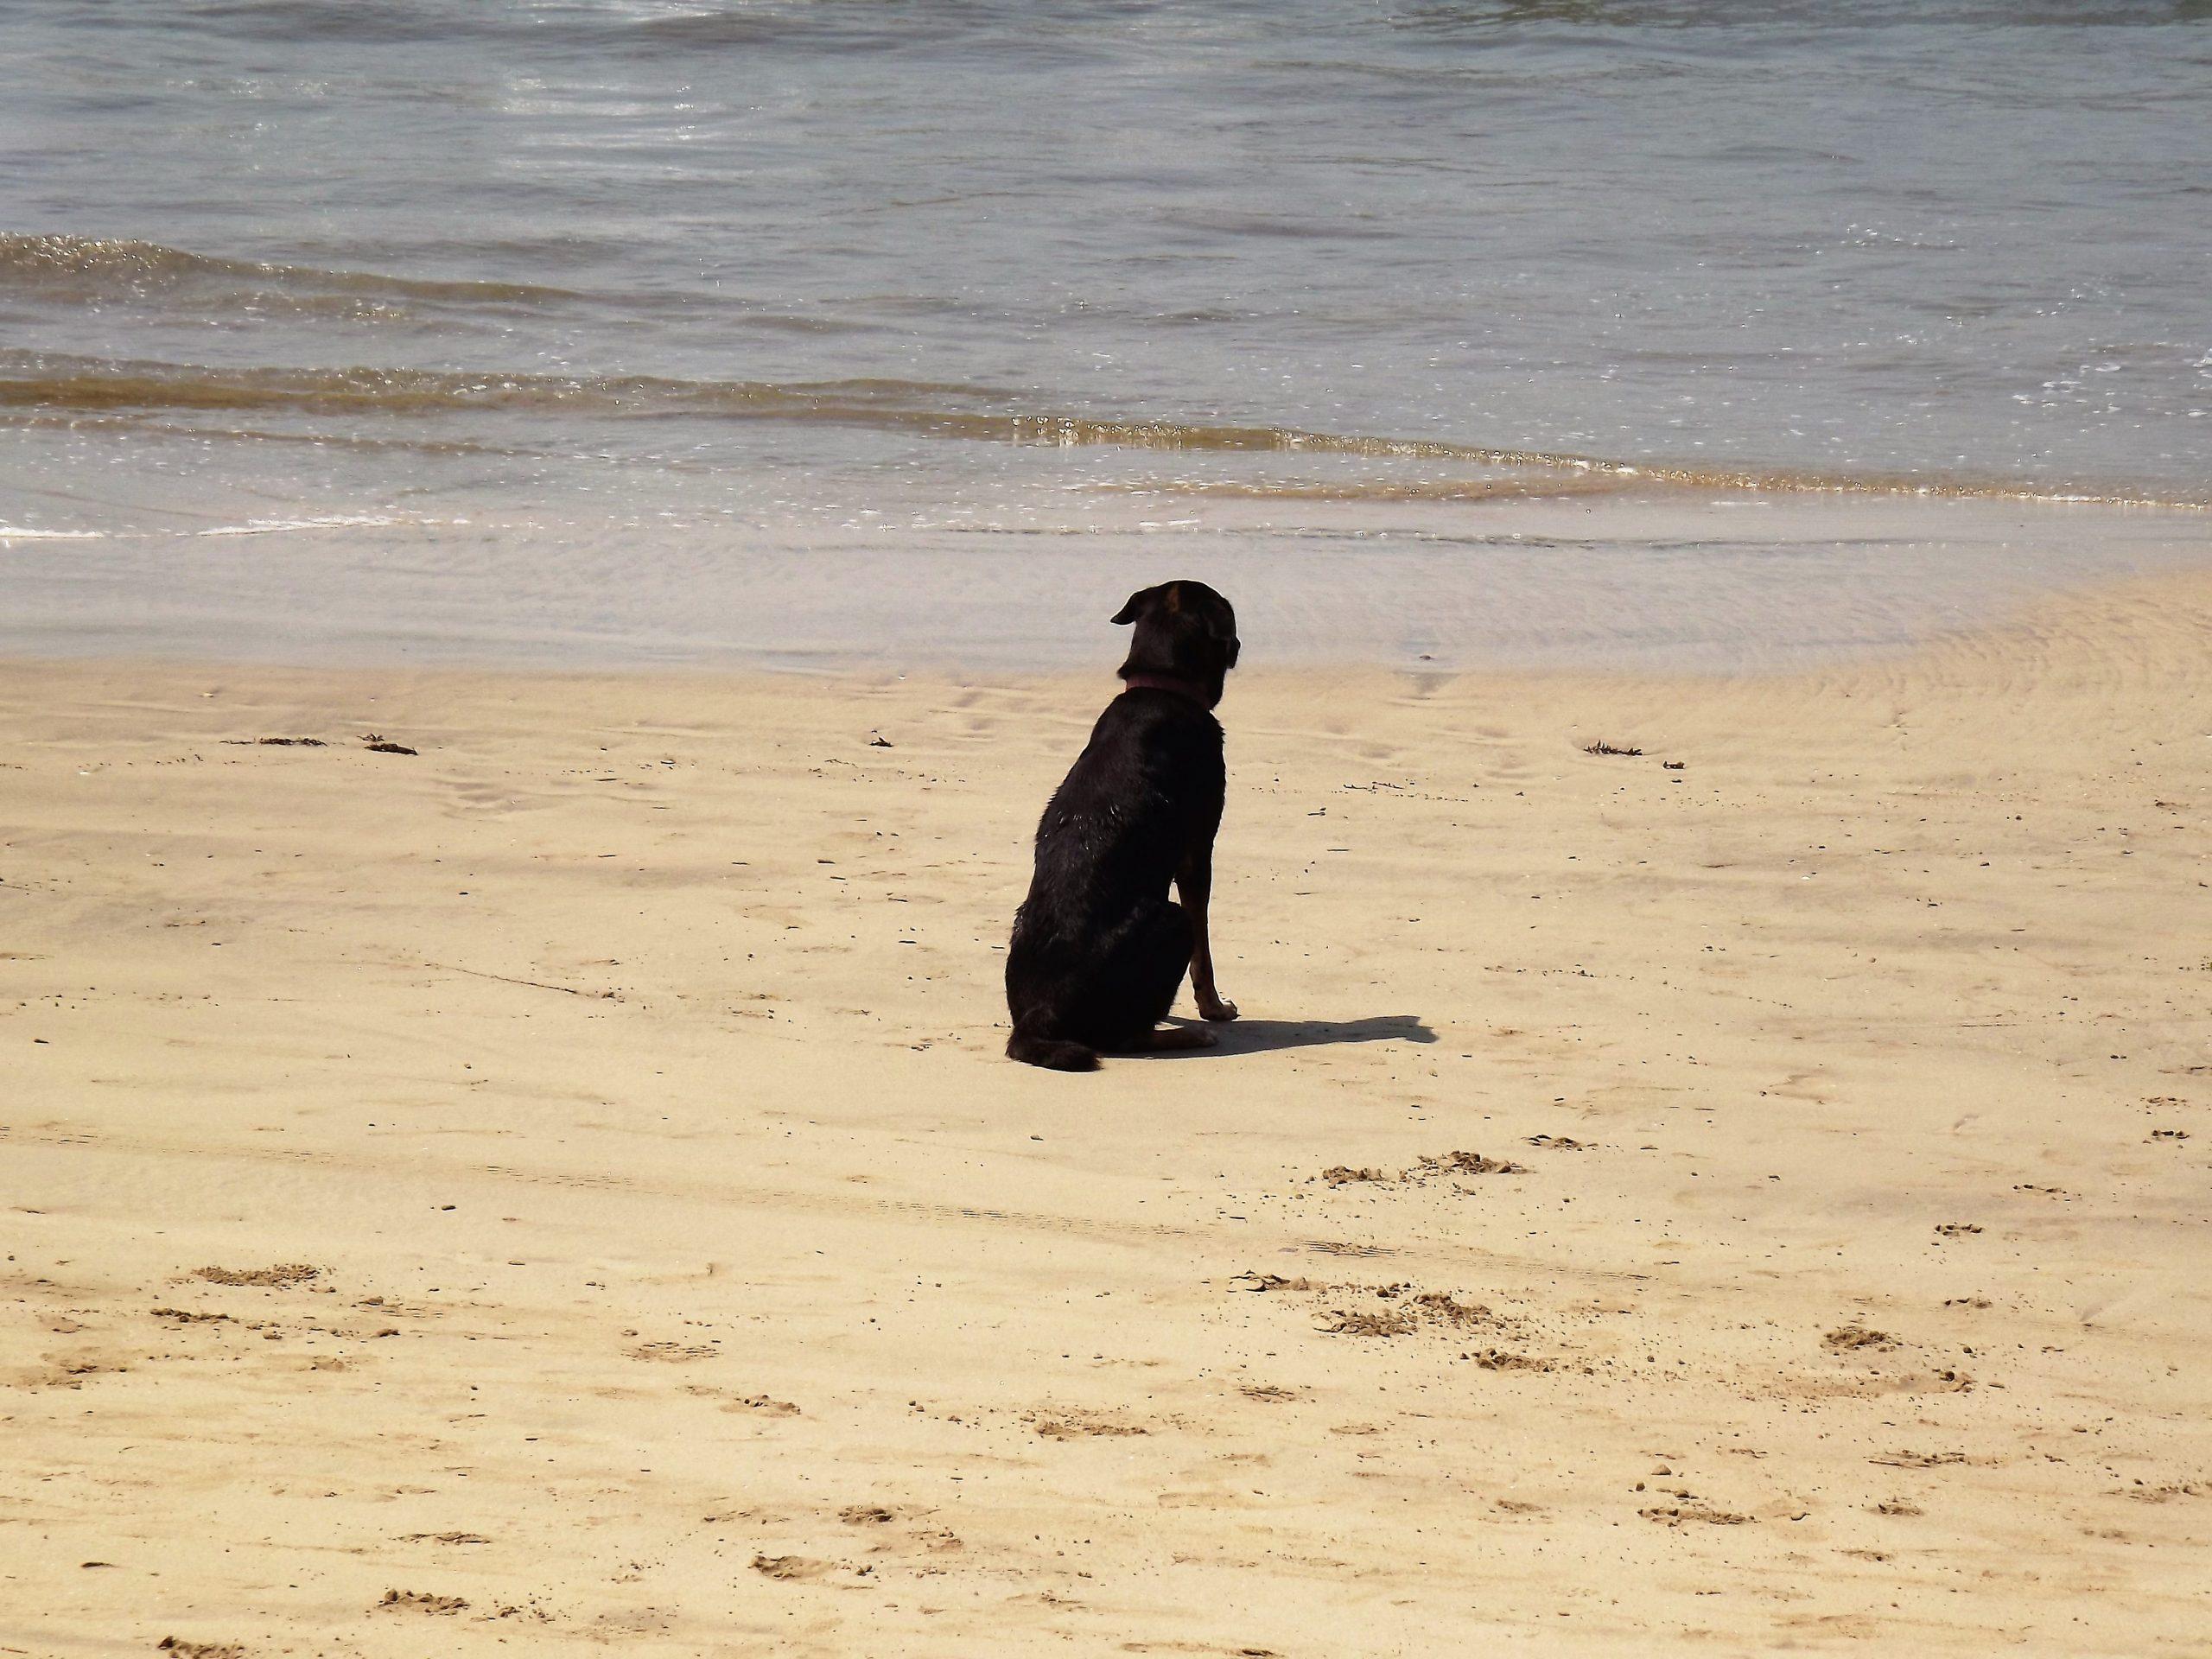 A black dog on a beach